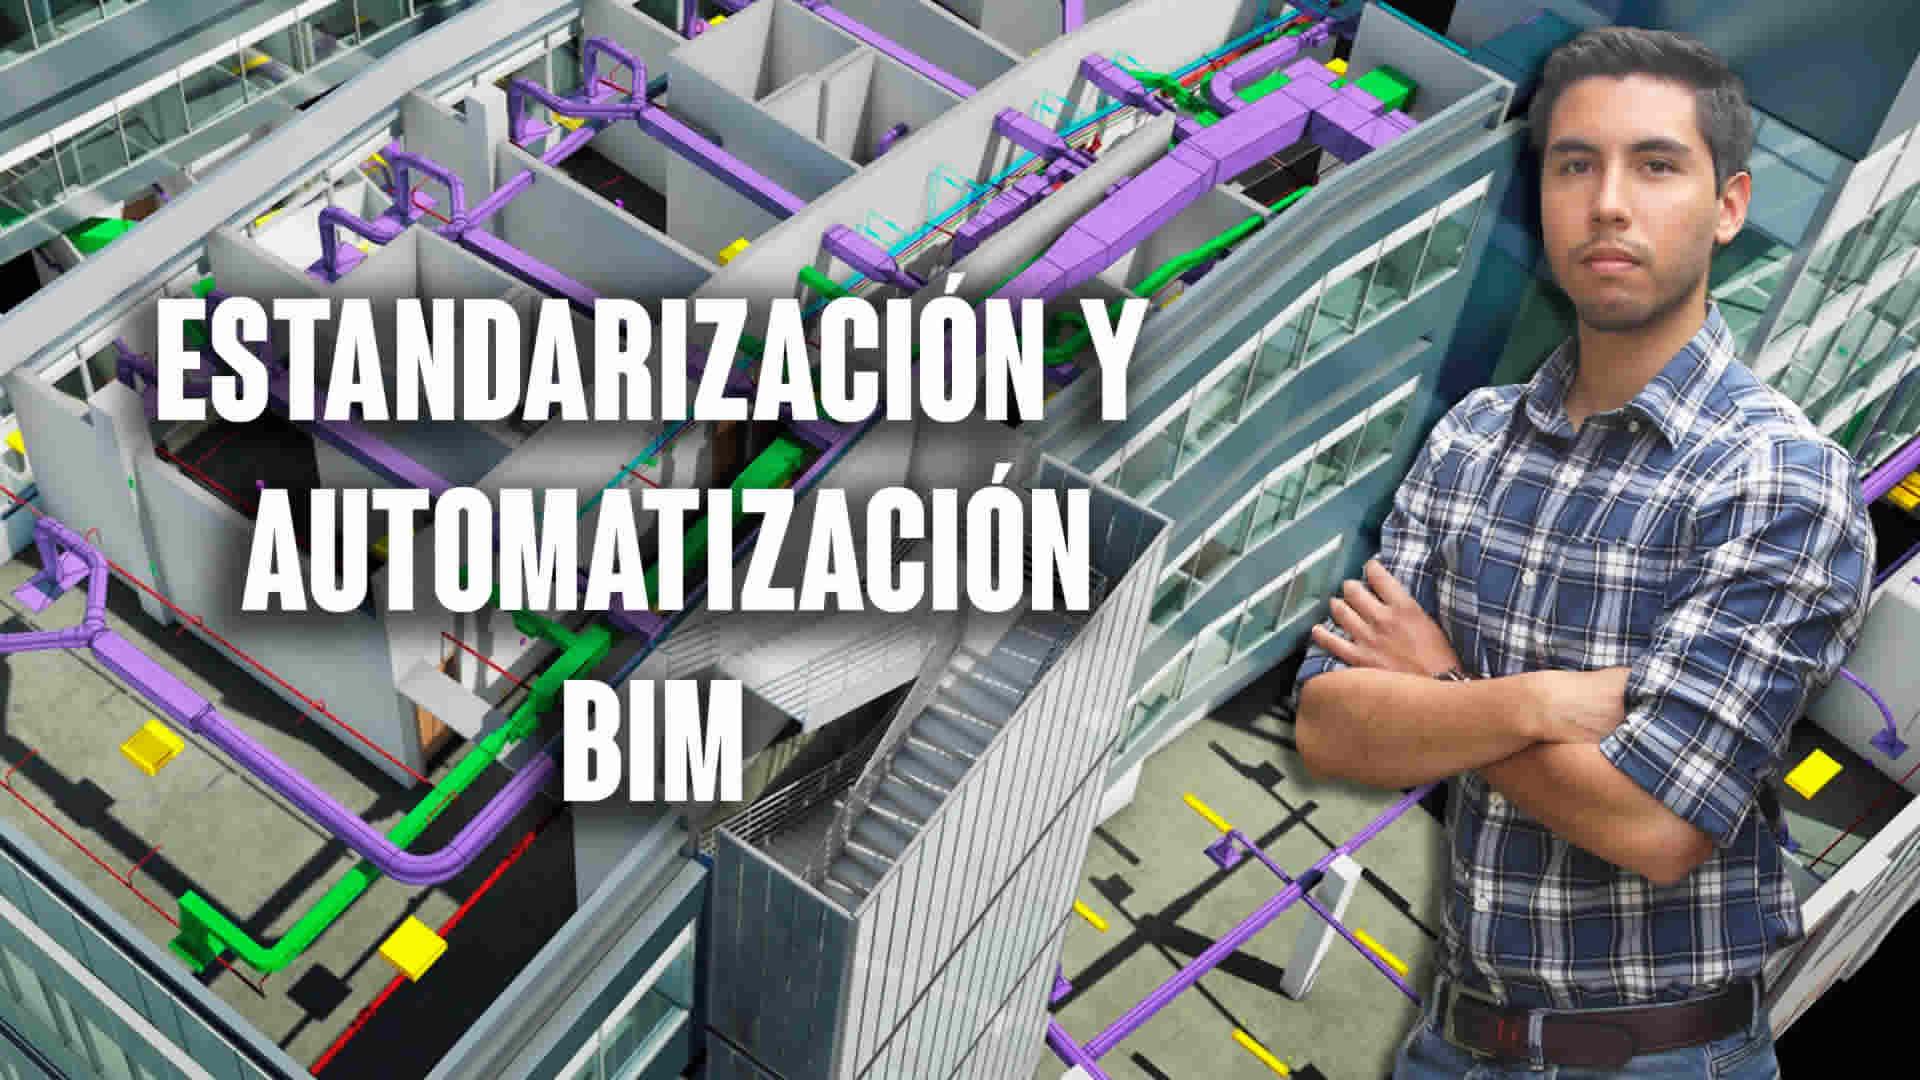 Estandarización y automatización BIM